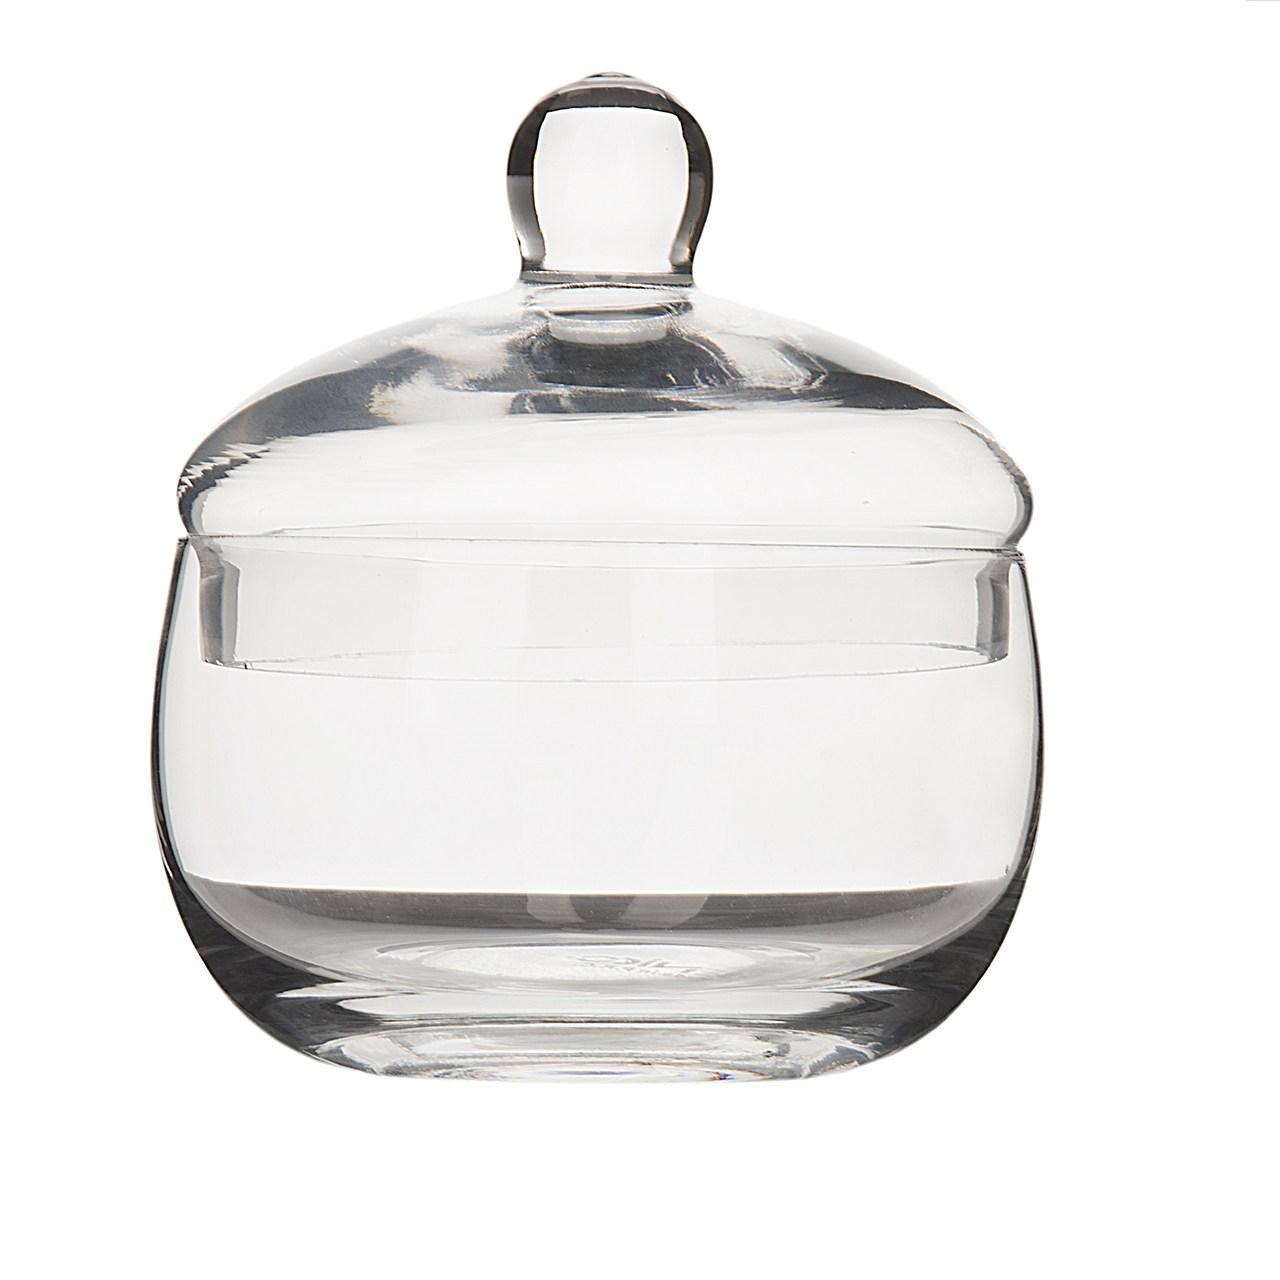 ظرف نگهدارنده شیشه ای بنیکو کد 12252